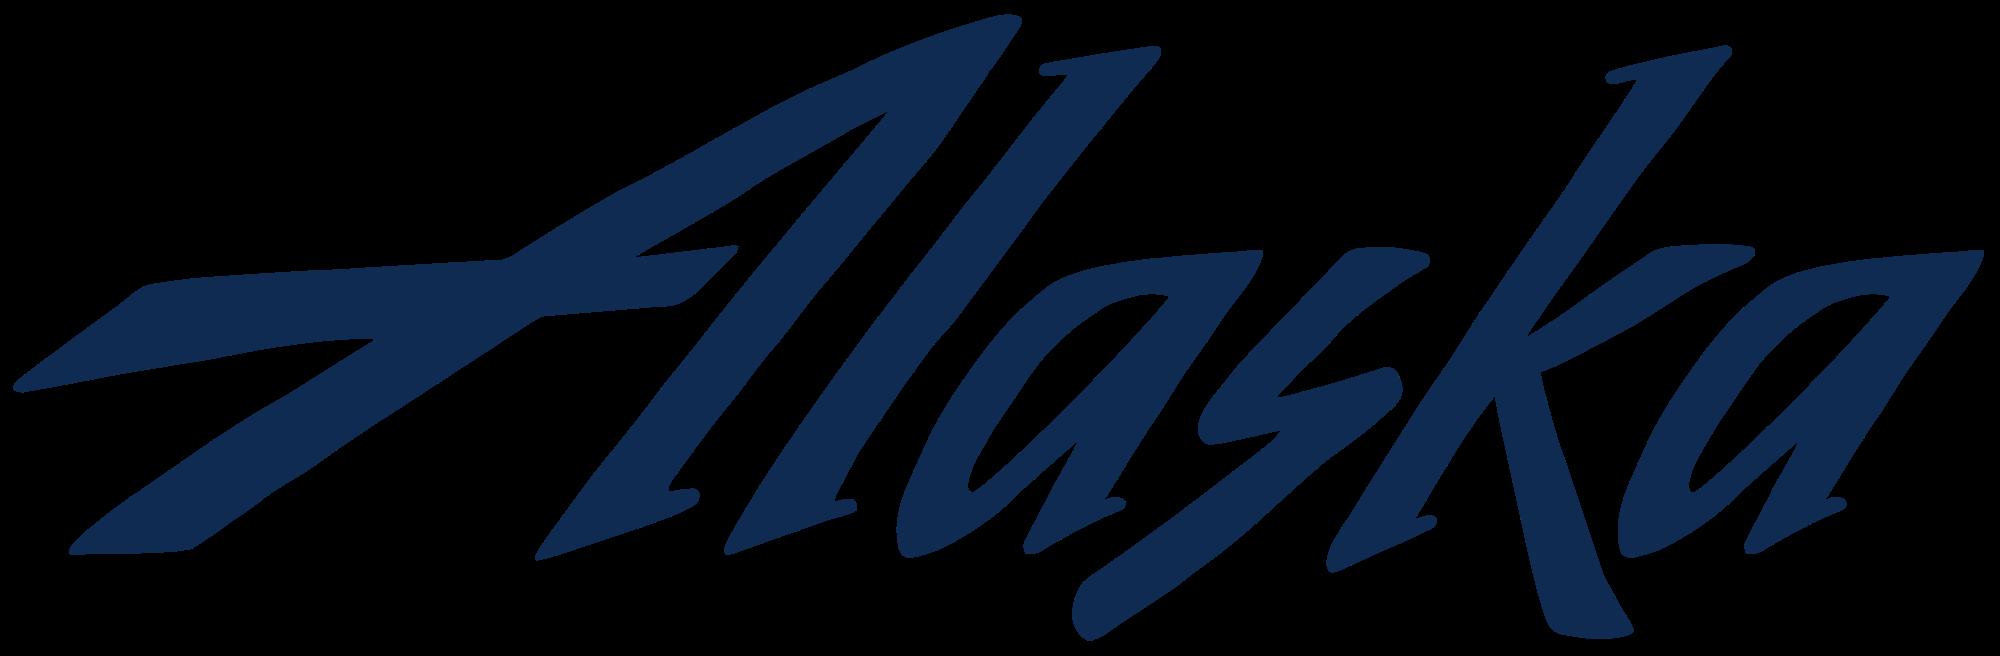 Alaska Airlines Logo PNG - 98088